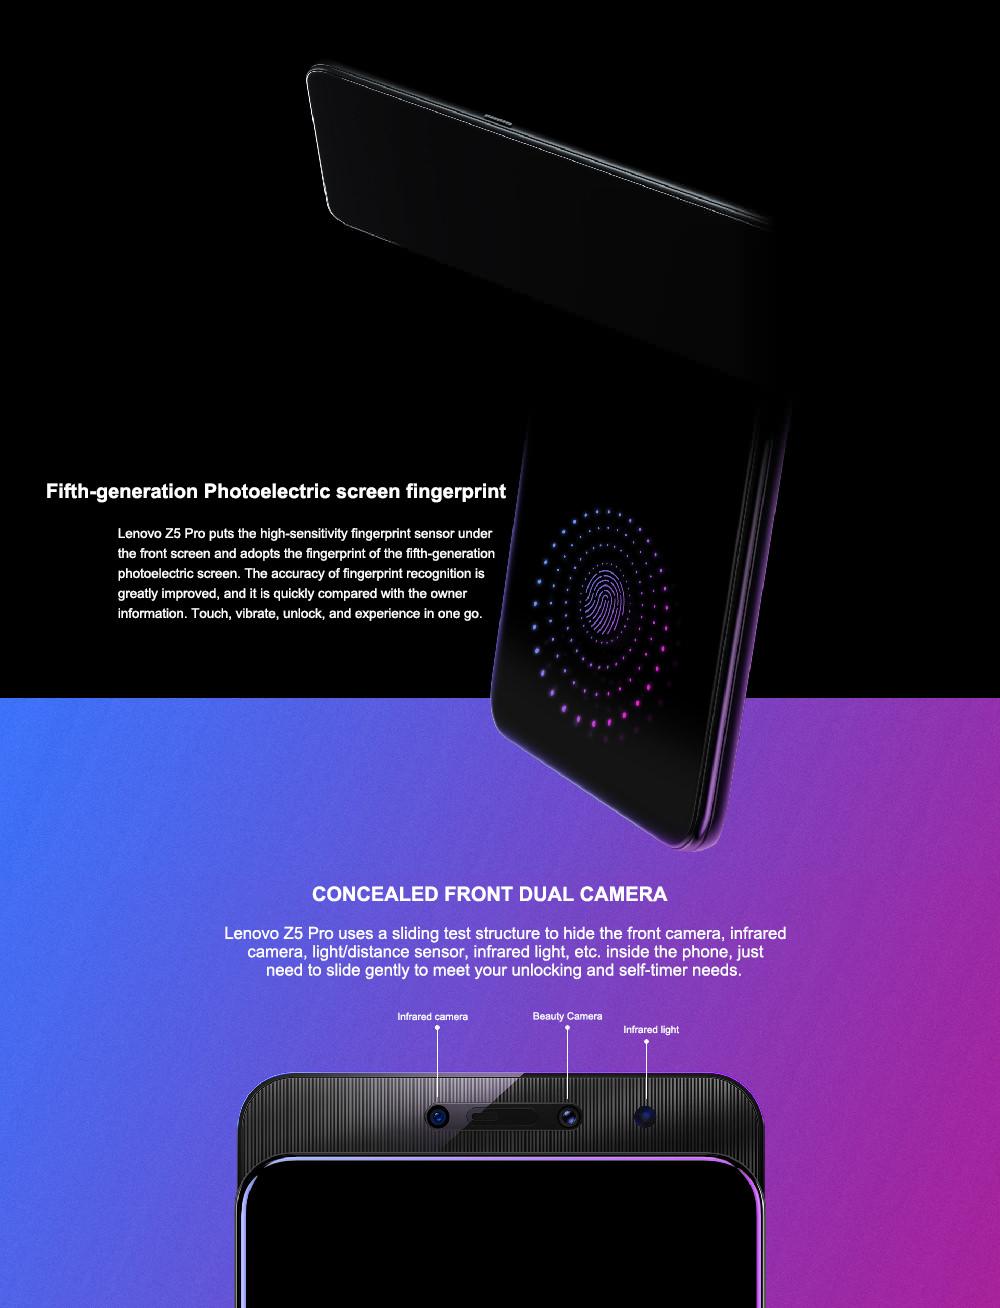 lenovo z5 pro smartphone